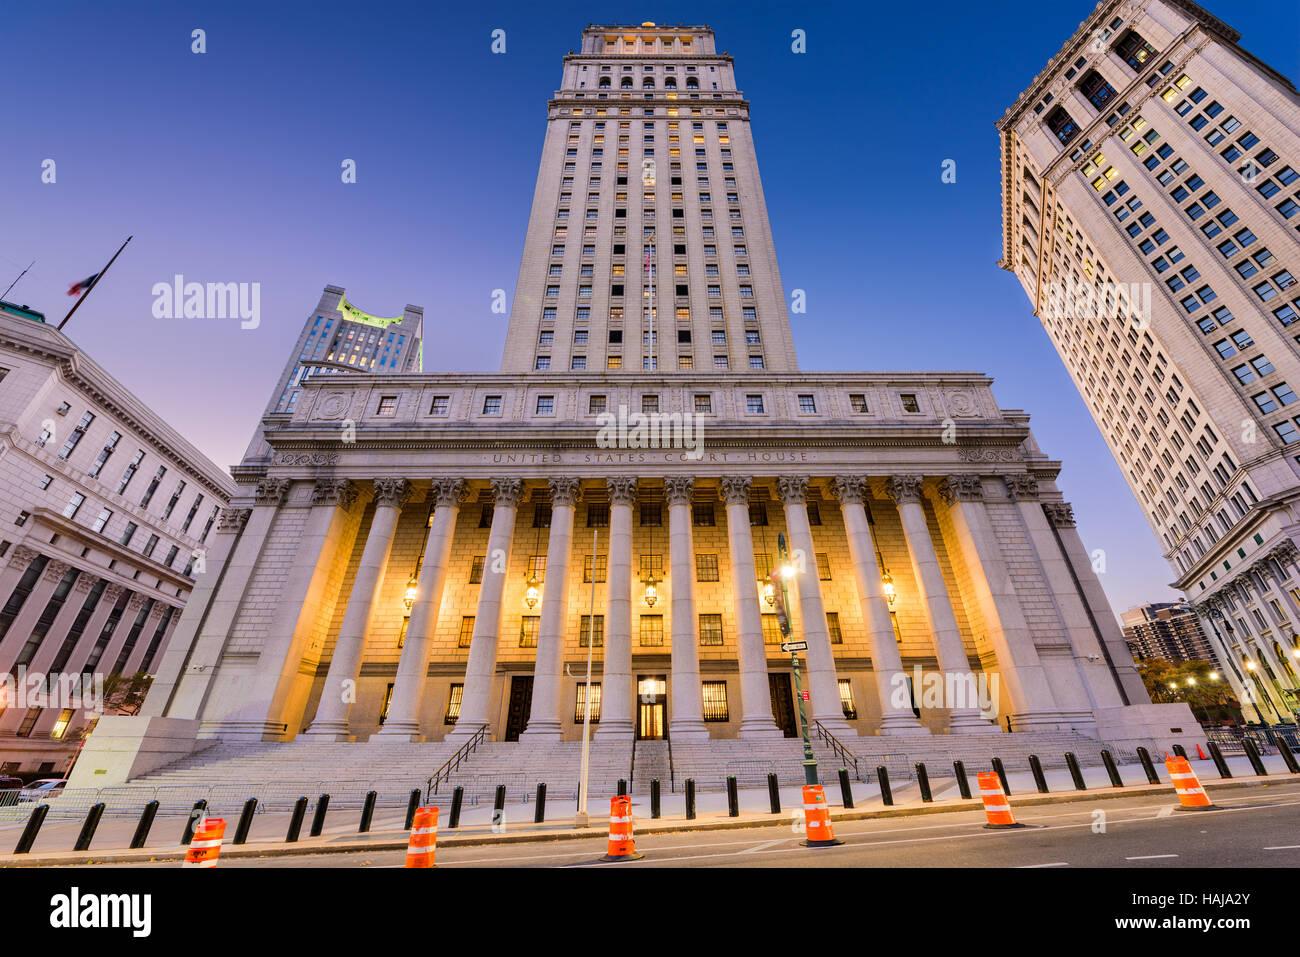 Estados Unidos Court House en el distrito del centro cívico de la ciudad de Nueva York. Imagen De Stock